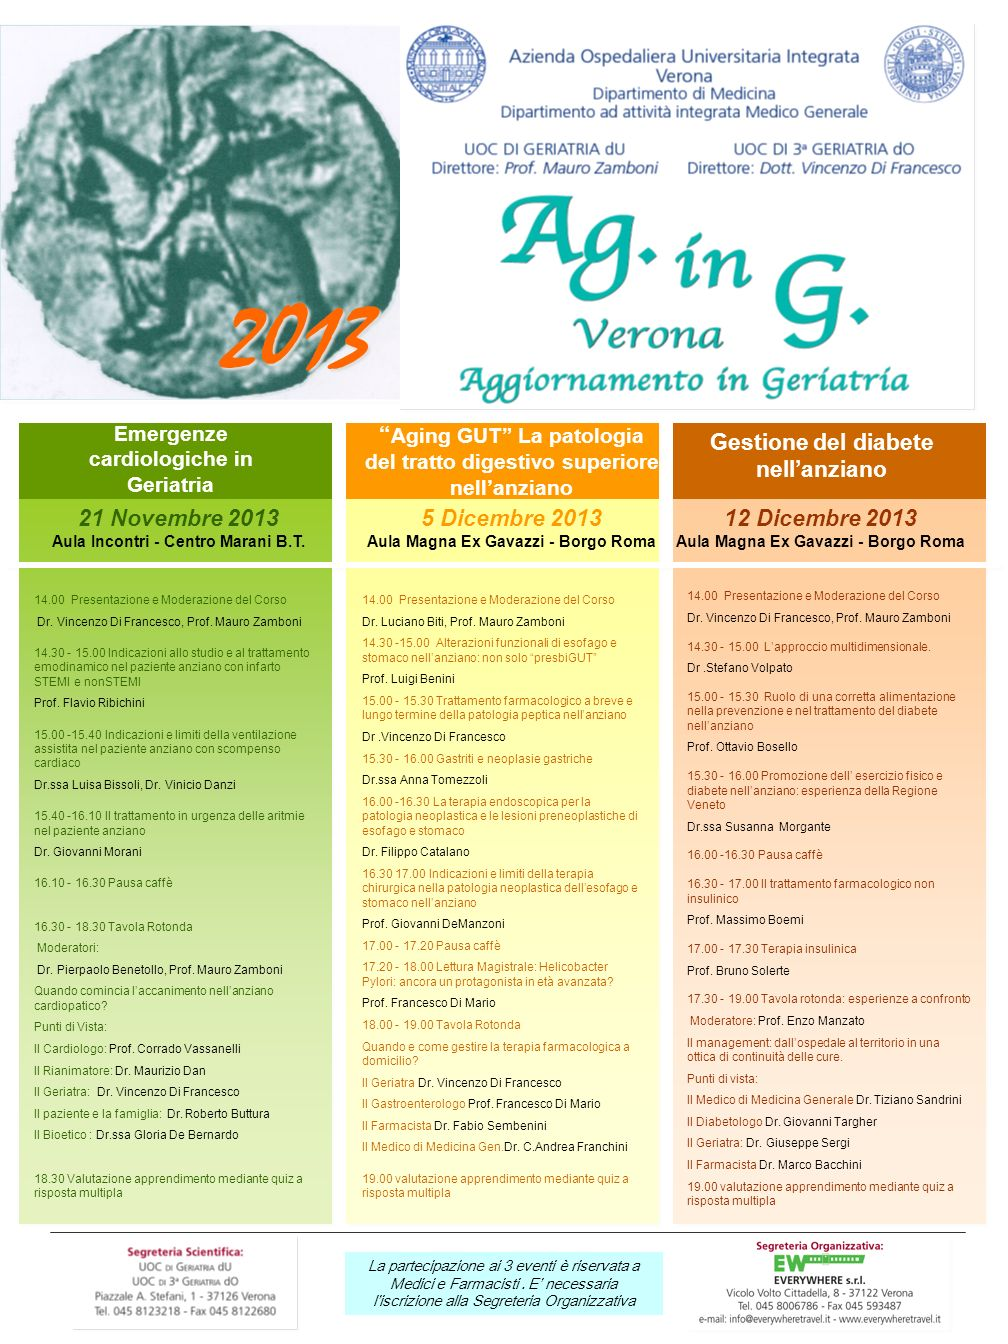 2013 Emergenze cardiologiche in Geriatria. Aging GUT La patologia del tratto digestivo superiore nell'anziano.